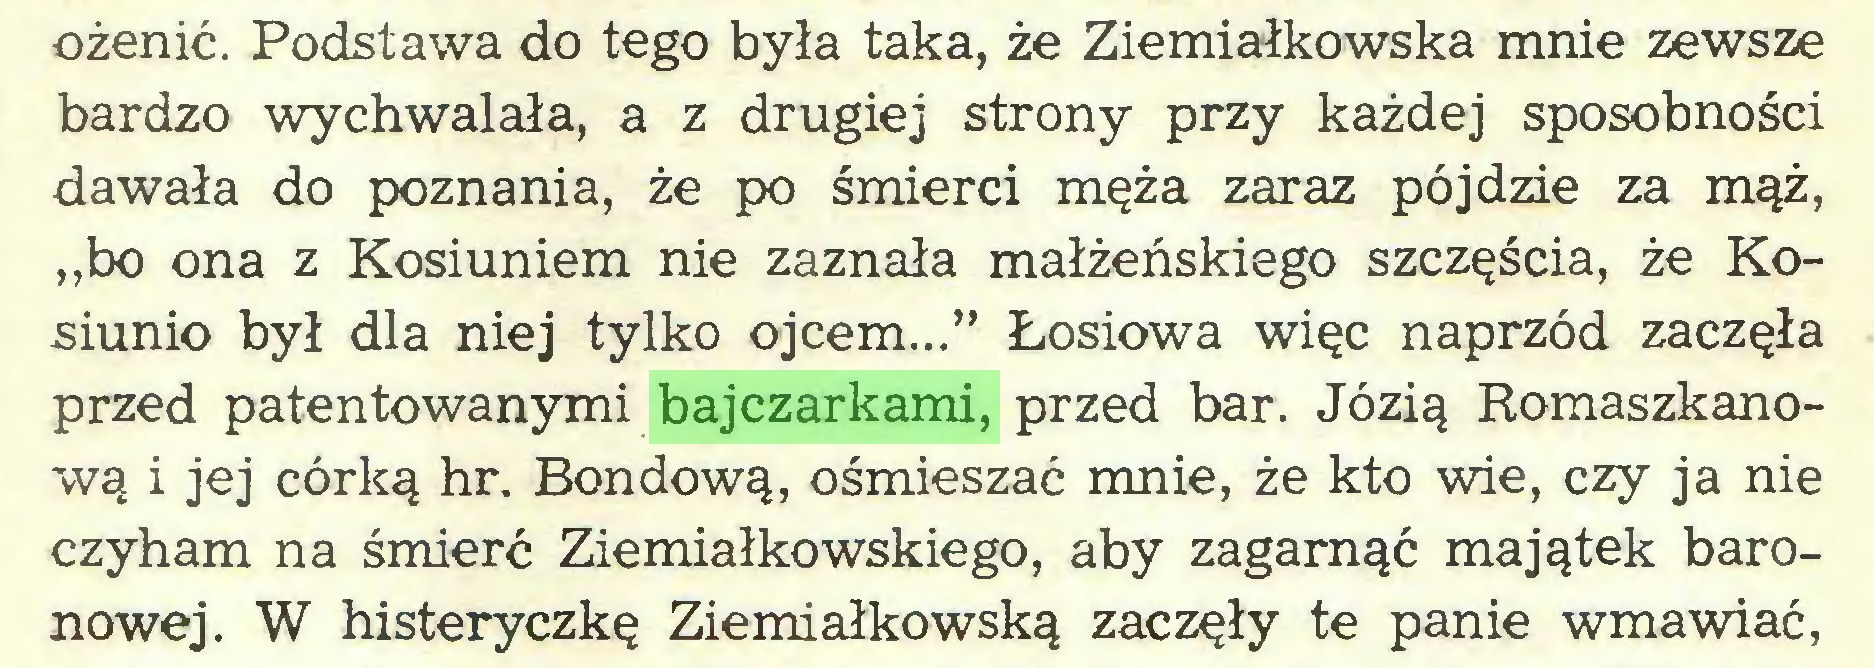 """(...) ożenić. Podstawa do tego była taka, że Ziemiałkowska mnie zewsze bardzo wychwalała, a z drugiej strony przy każdej sposobności dawała do poznania, że po śmierci męża zaraz pójdzie za mąż, ,,bo ona z Kosiuniem nie zaznała małżeńskiego szczęścia, że Kosiunio był dla niej tylko ojcem..."""" Łosiowa więc naprzód zaczęła przed patentowanymi bajczarkami, przed bar. Józią Romaszkanową i jej córką hr. Bondową, ośmieszać mnie, że kto wie, czy ja nie czyham na śmierć Ziemiałkowskiego, aby zagarnąć majątek baronowej. W histeryczkę Ziemiałkowską zaczęły te panie wmawiać,..."""